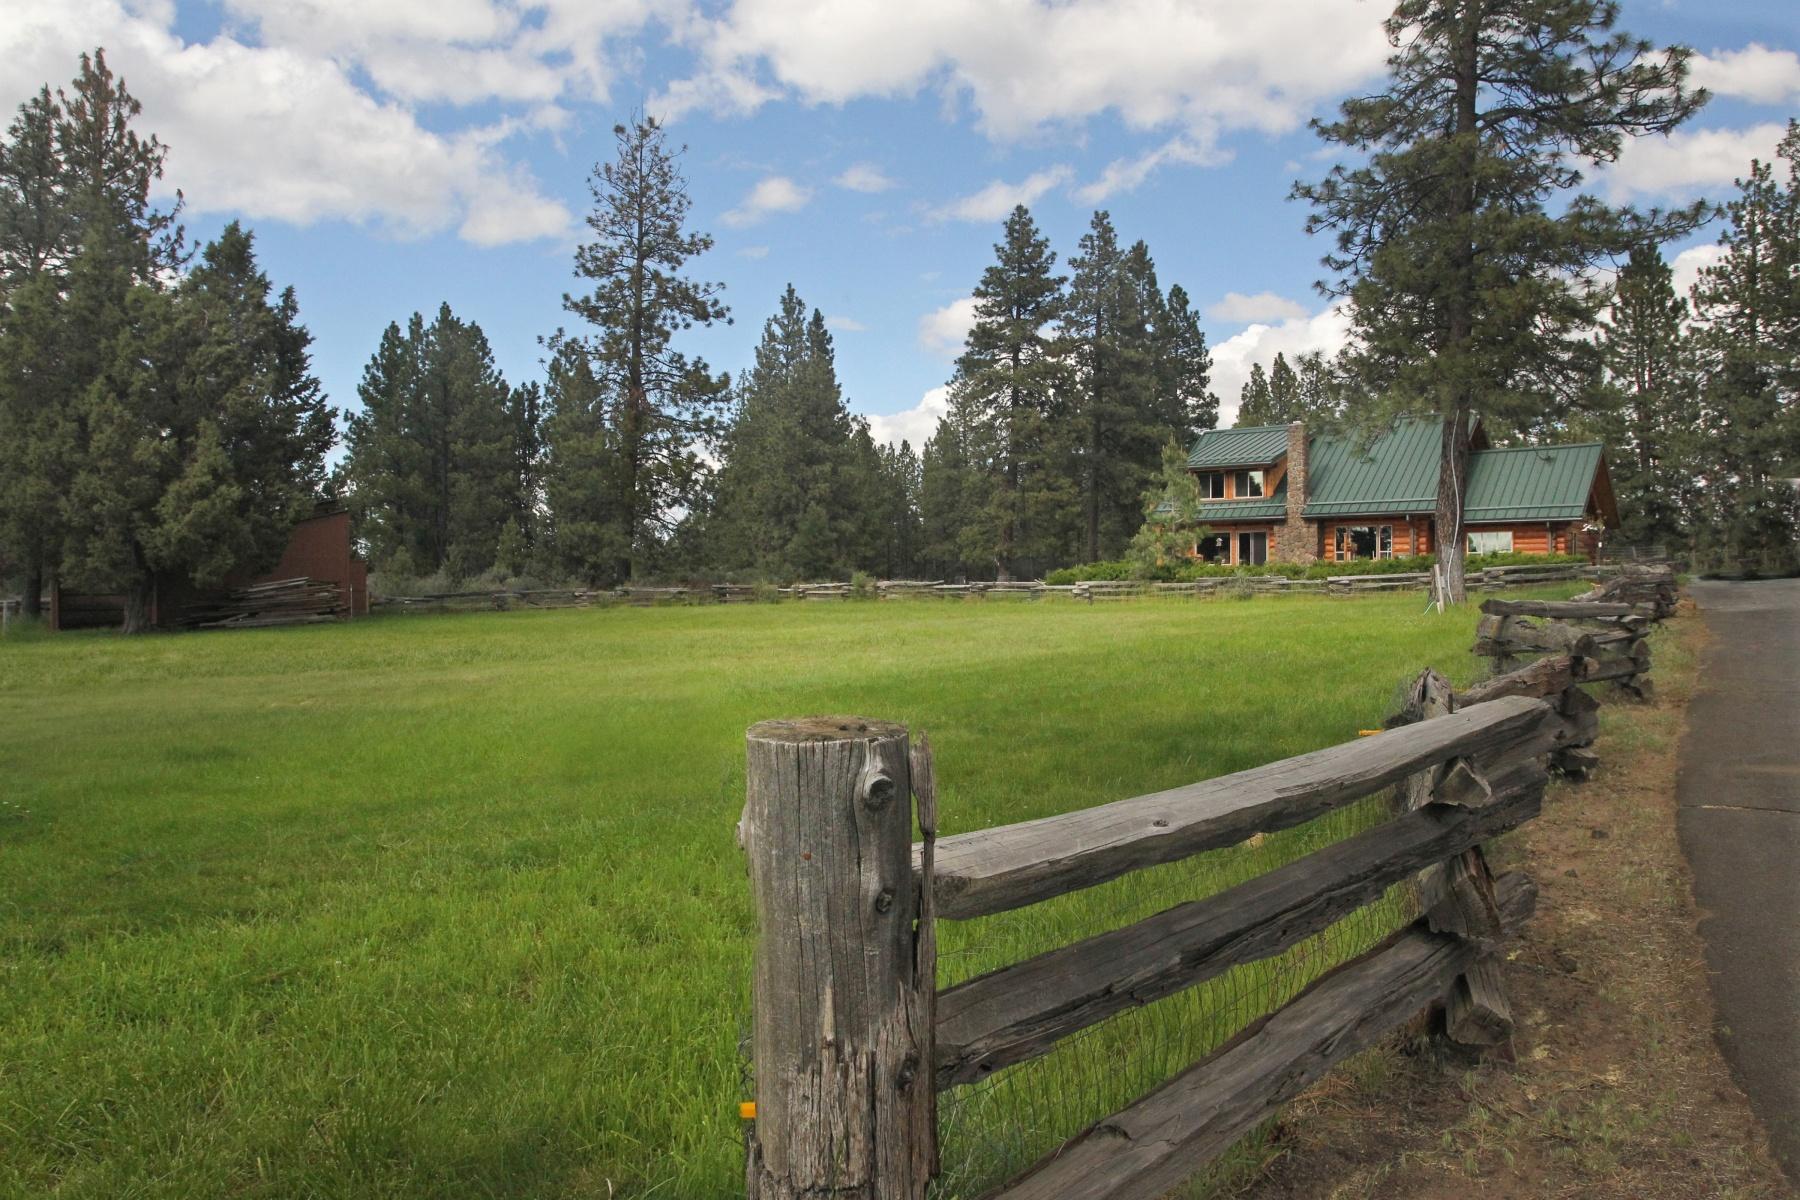 Casa Unifamiliar por un Venta en River Bend Estate 19860 Rocking Horse Rd Bend, Oregon 97702 Estados Unidos